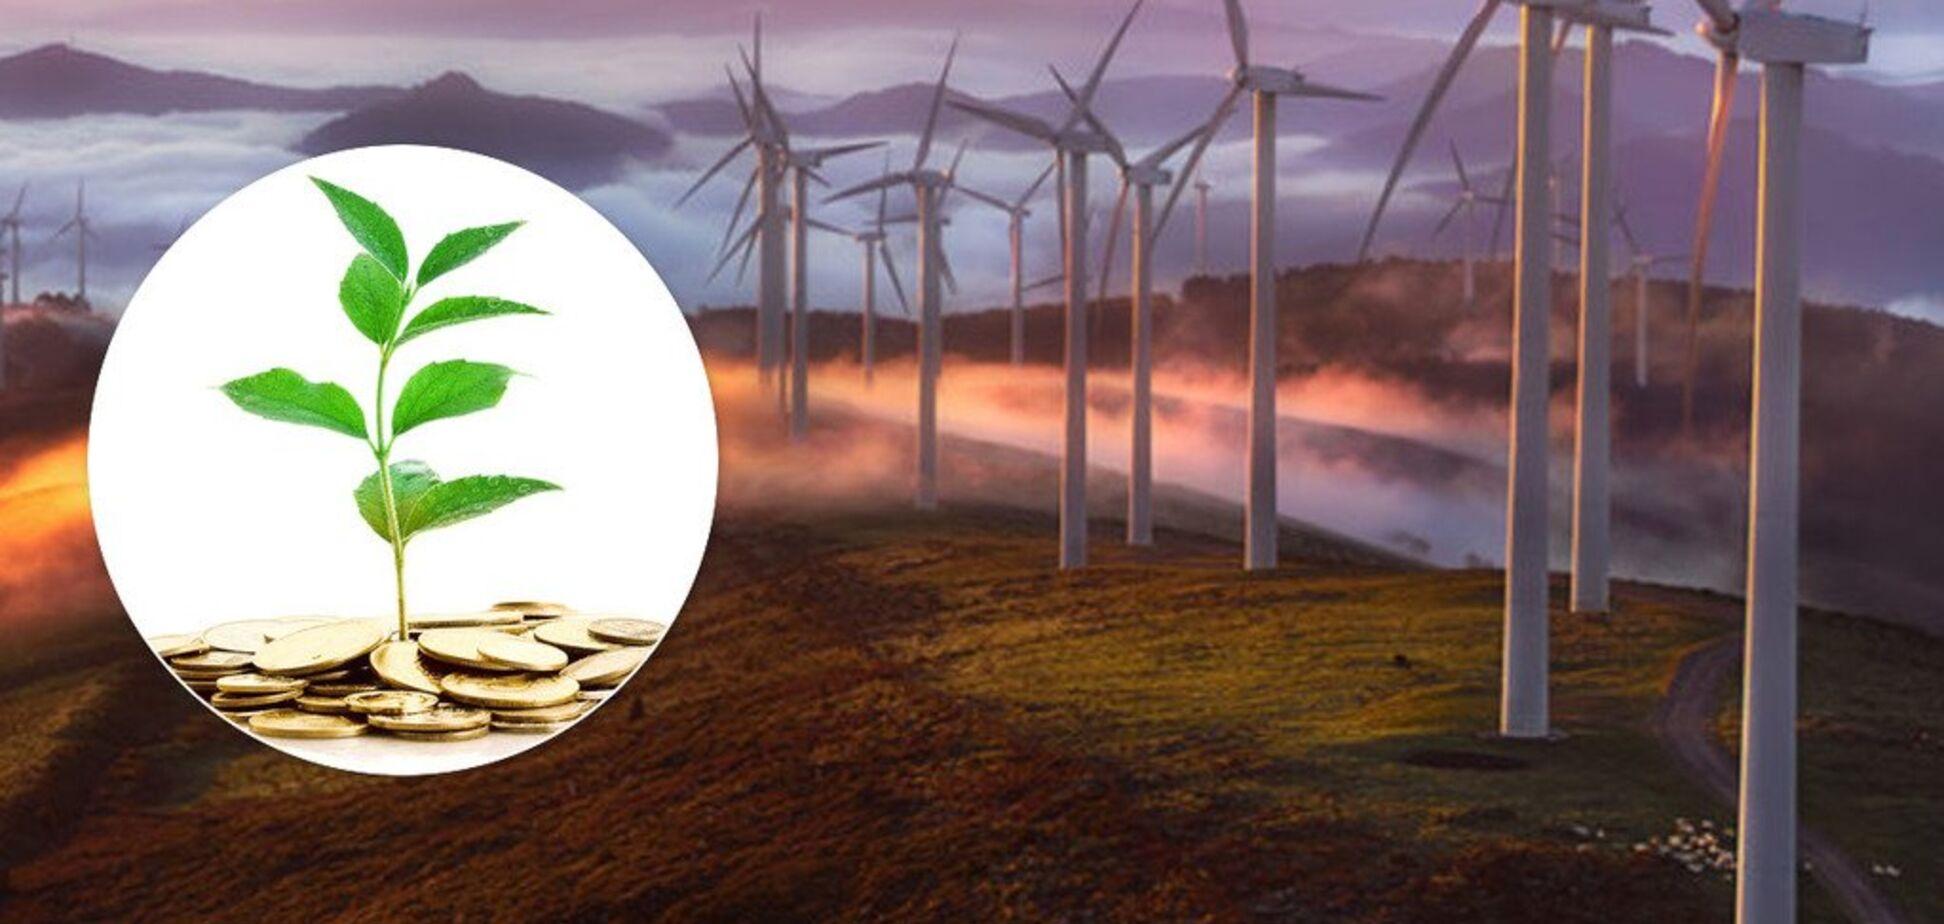 Шевченко: Укргазбанк запустил уникальный для Украины эко-депозит